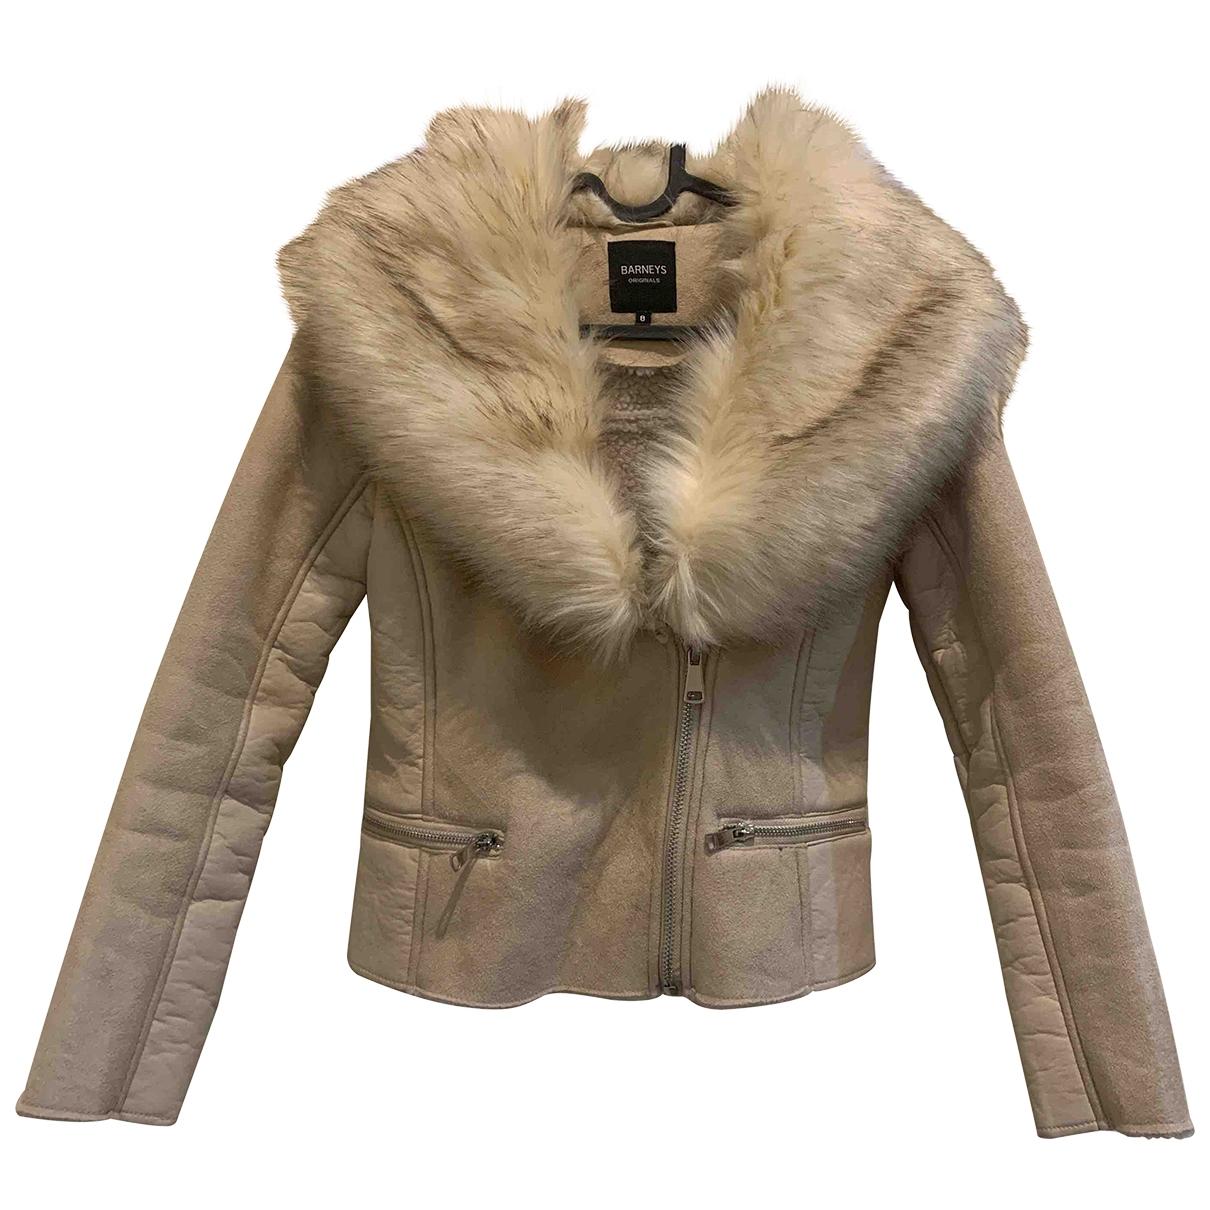 Barneys New York - Manteau   pour femme en fourrure synthetique - beige